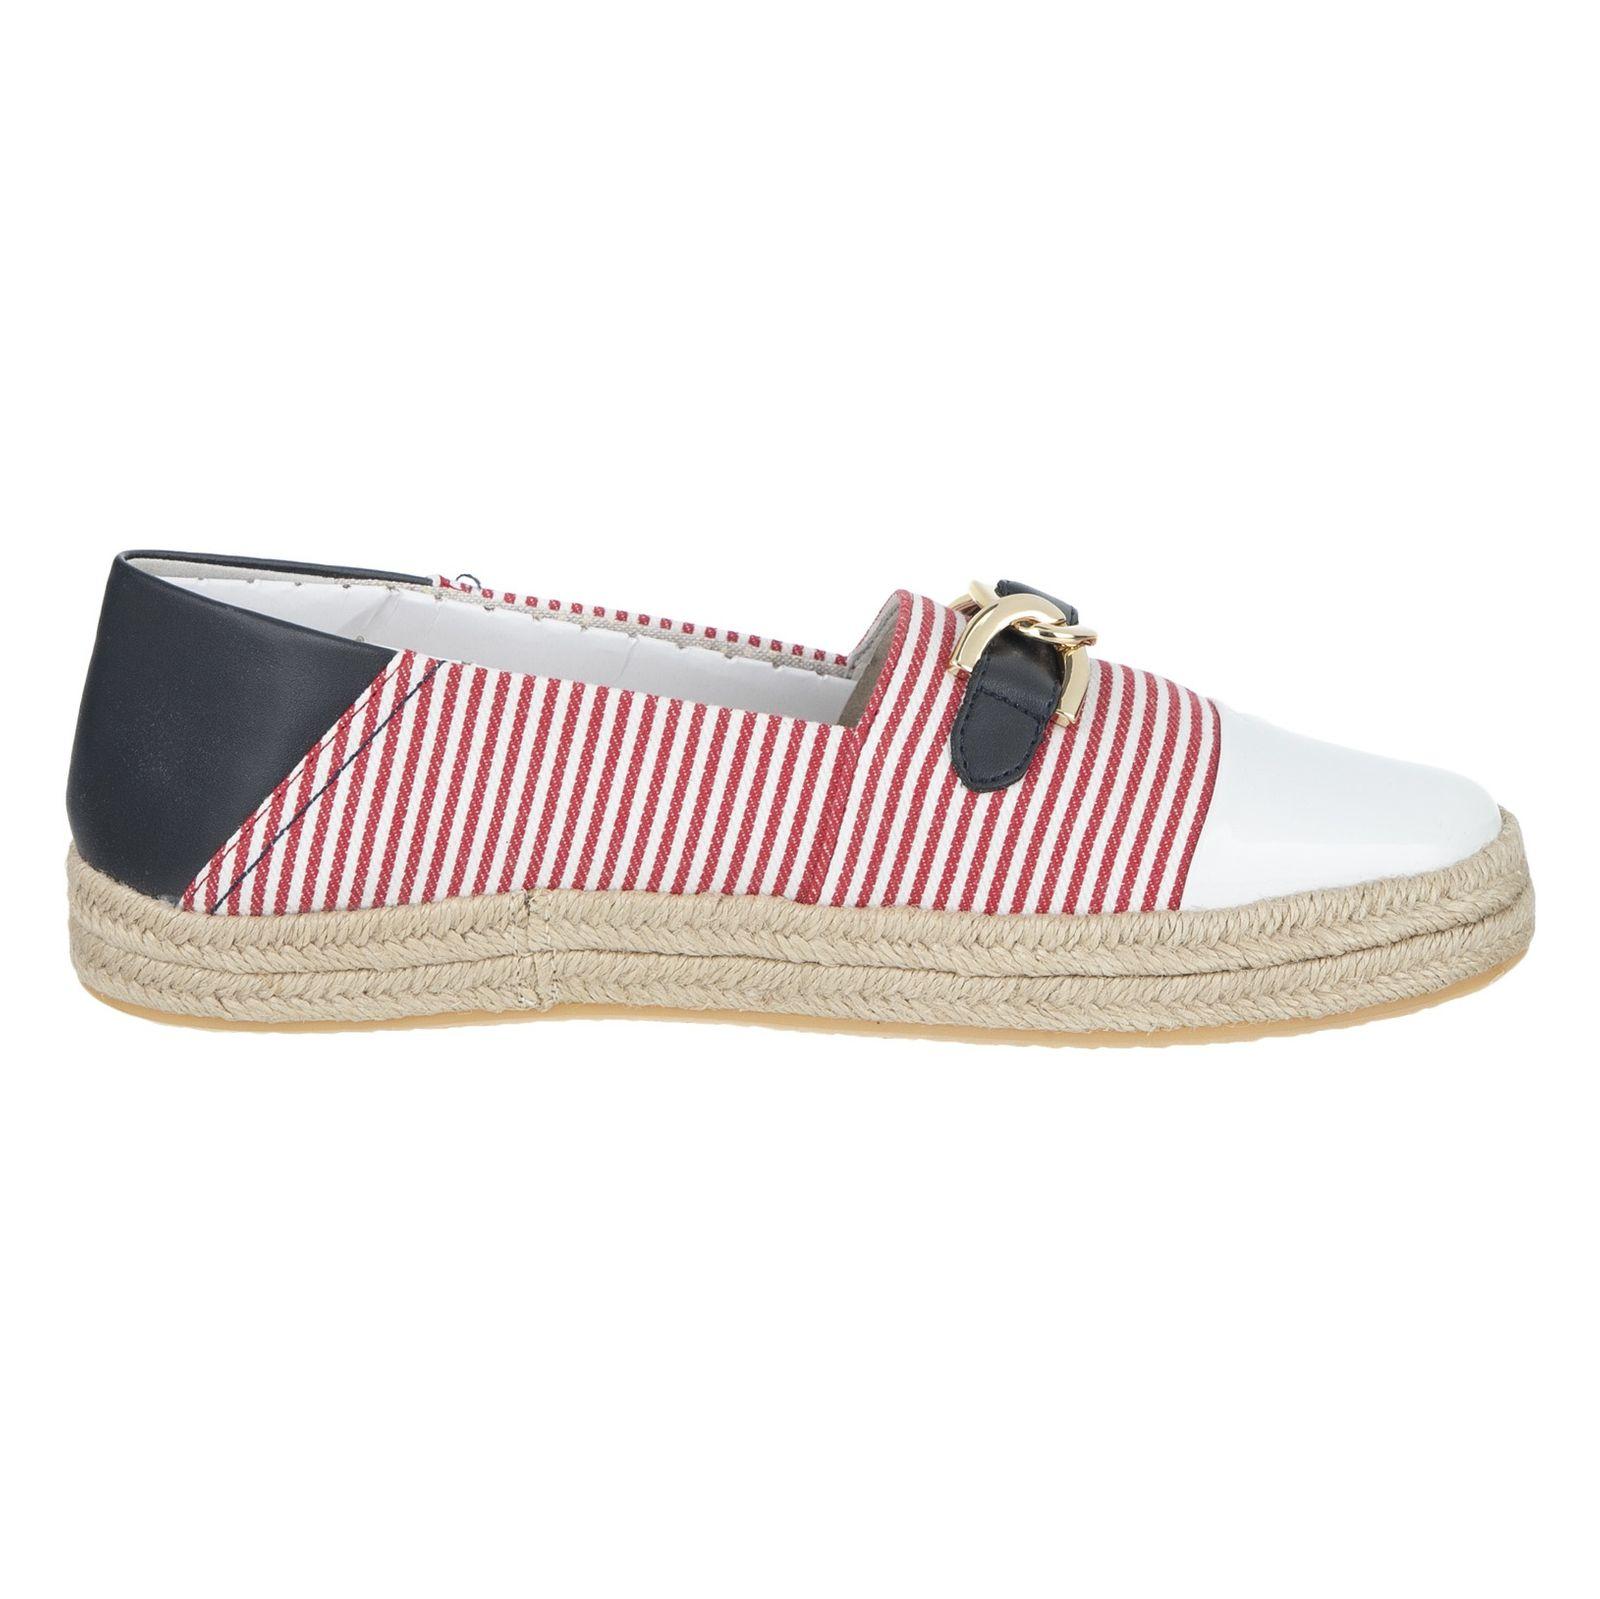 کفش زنانه جی اوکس مدل D8229E-0AWHH-C0003 - قرمز سفید - 2